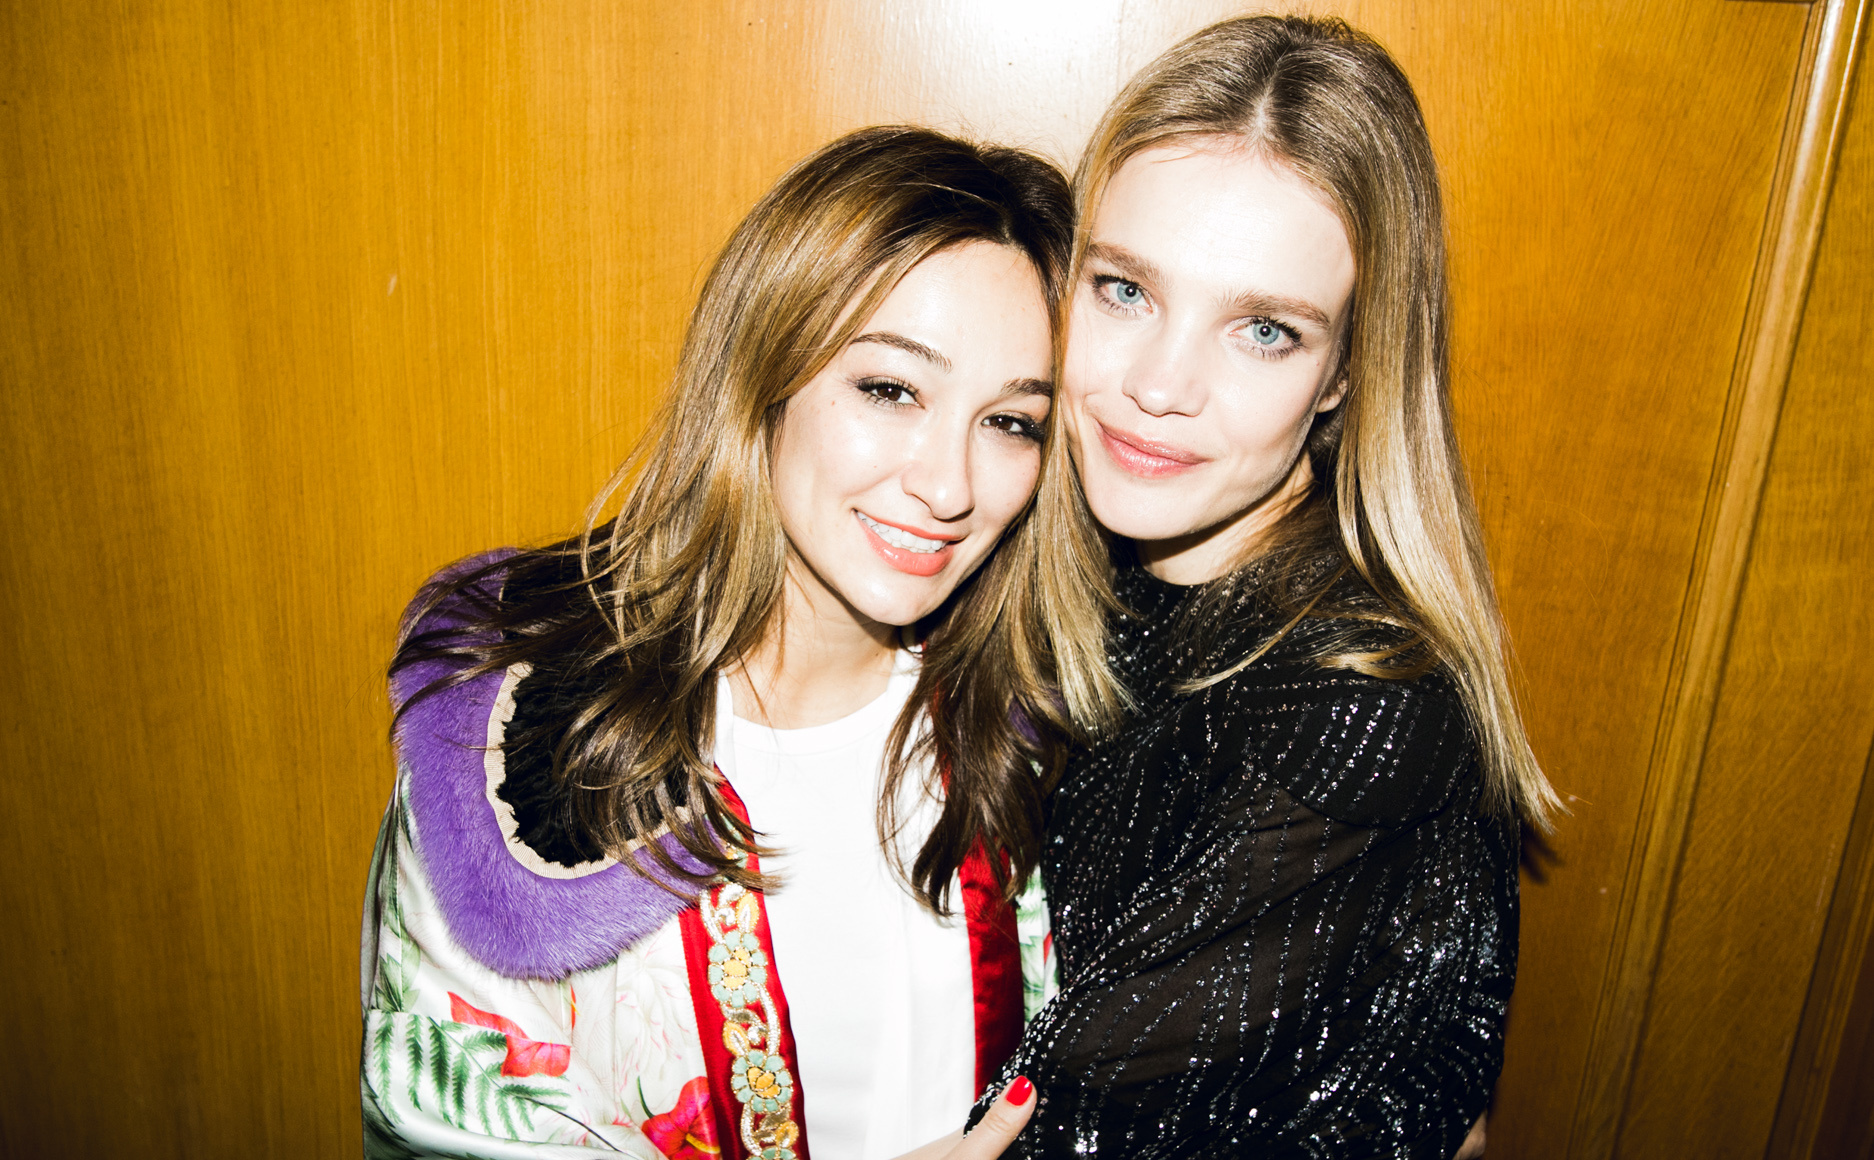 Айсель Трудел и Наталья Водянова